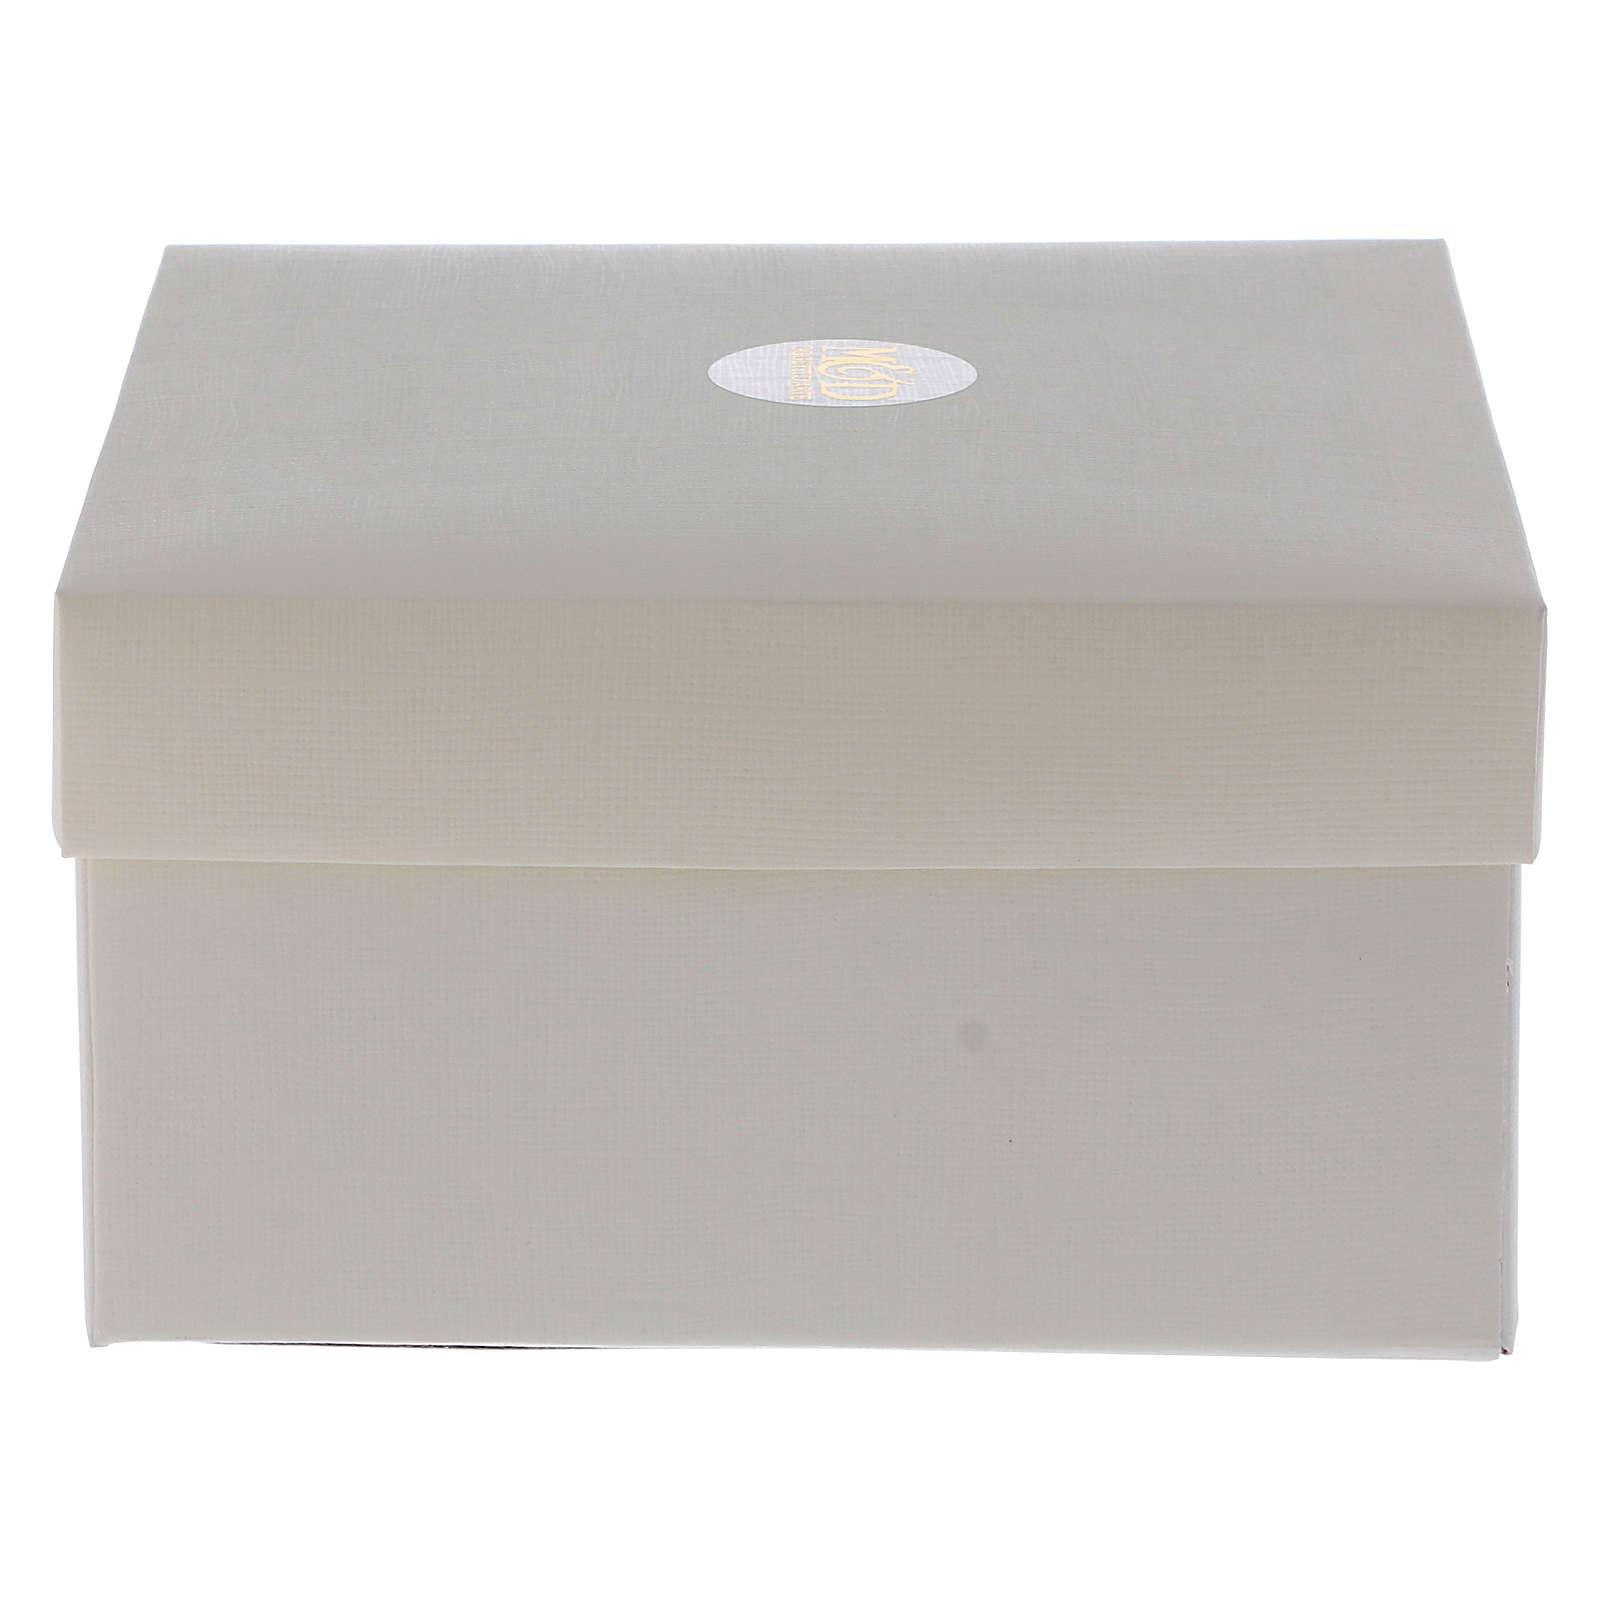 Lembrancinha Comunhão caixinha 5x5x5 cm 3